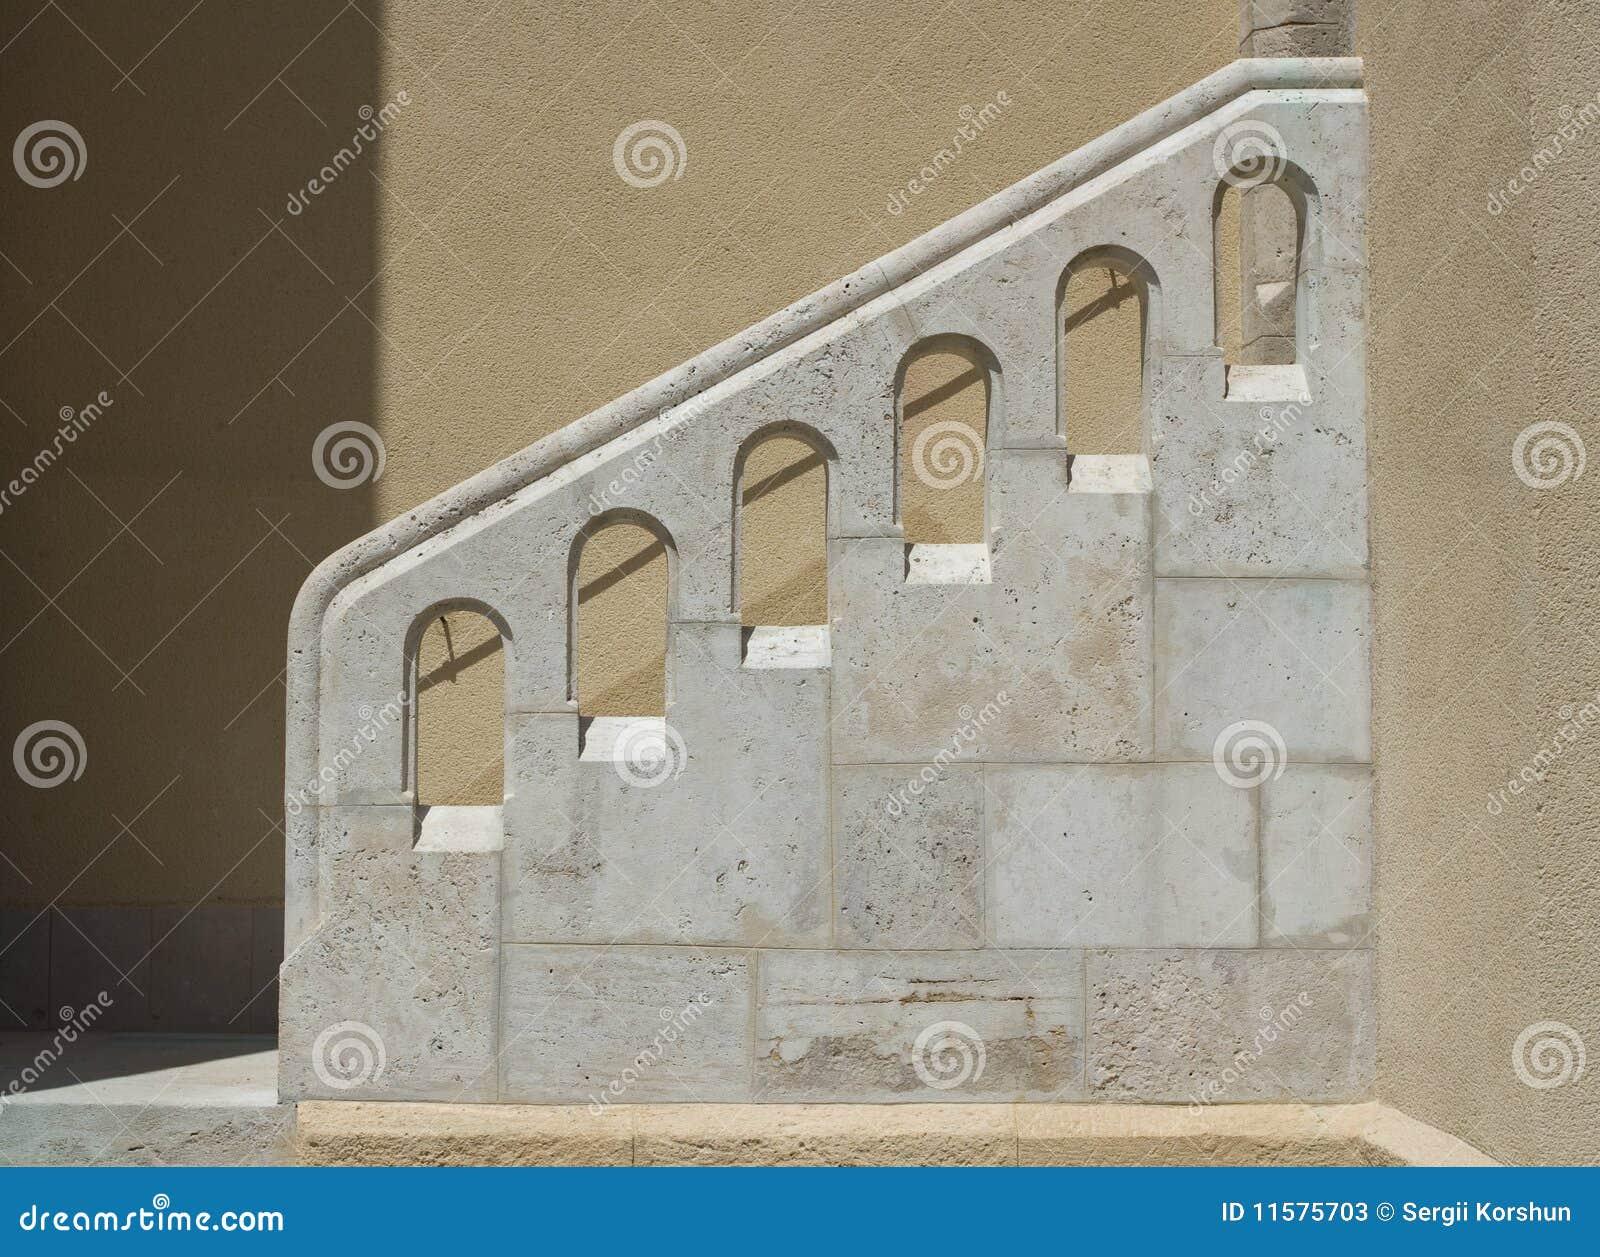 barandilla elemento estilo piedra escalera construcci amarillento exterior